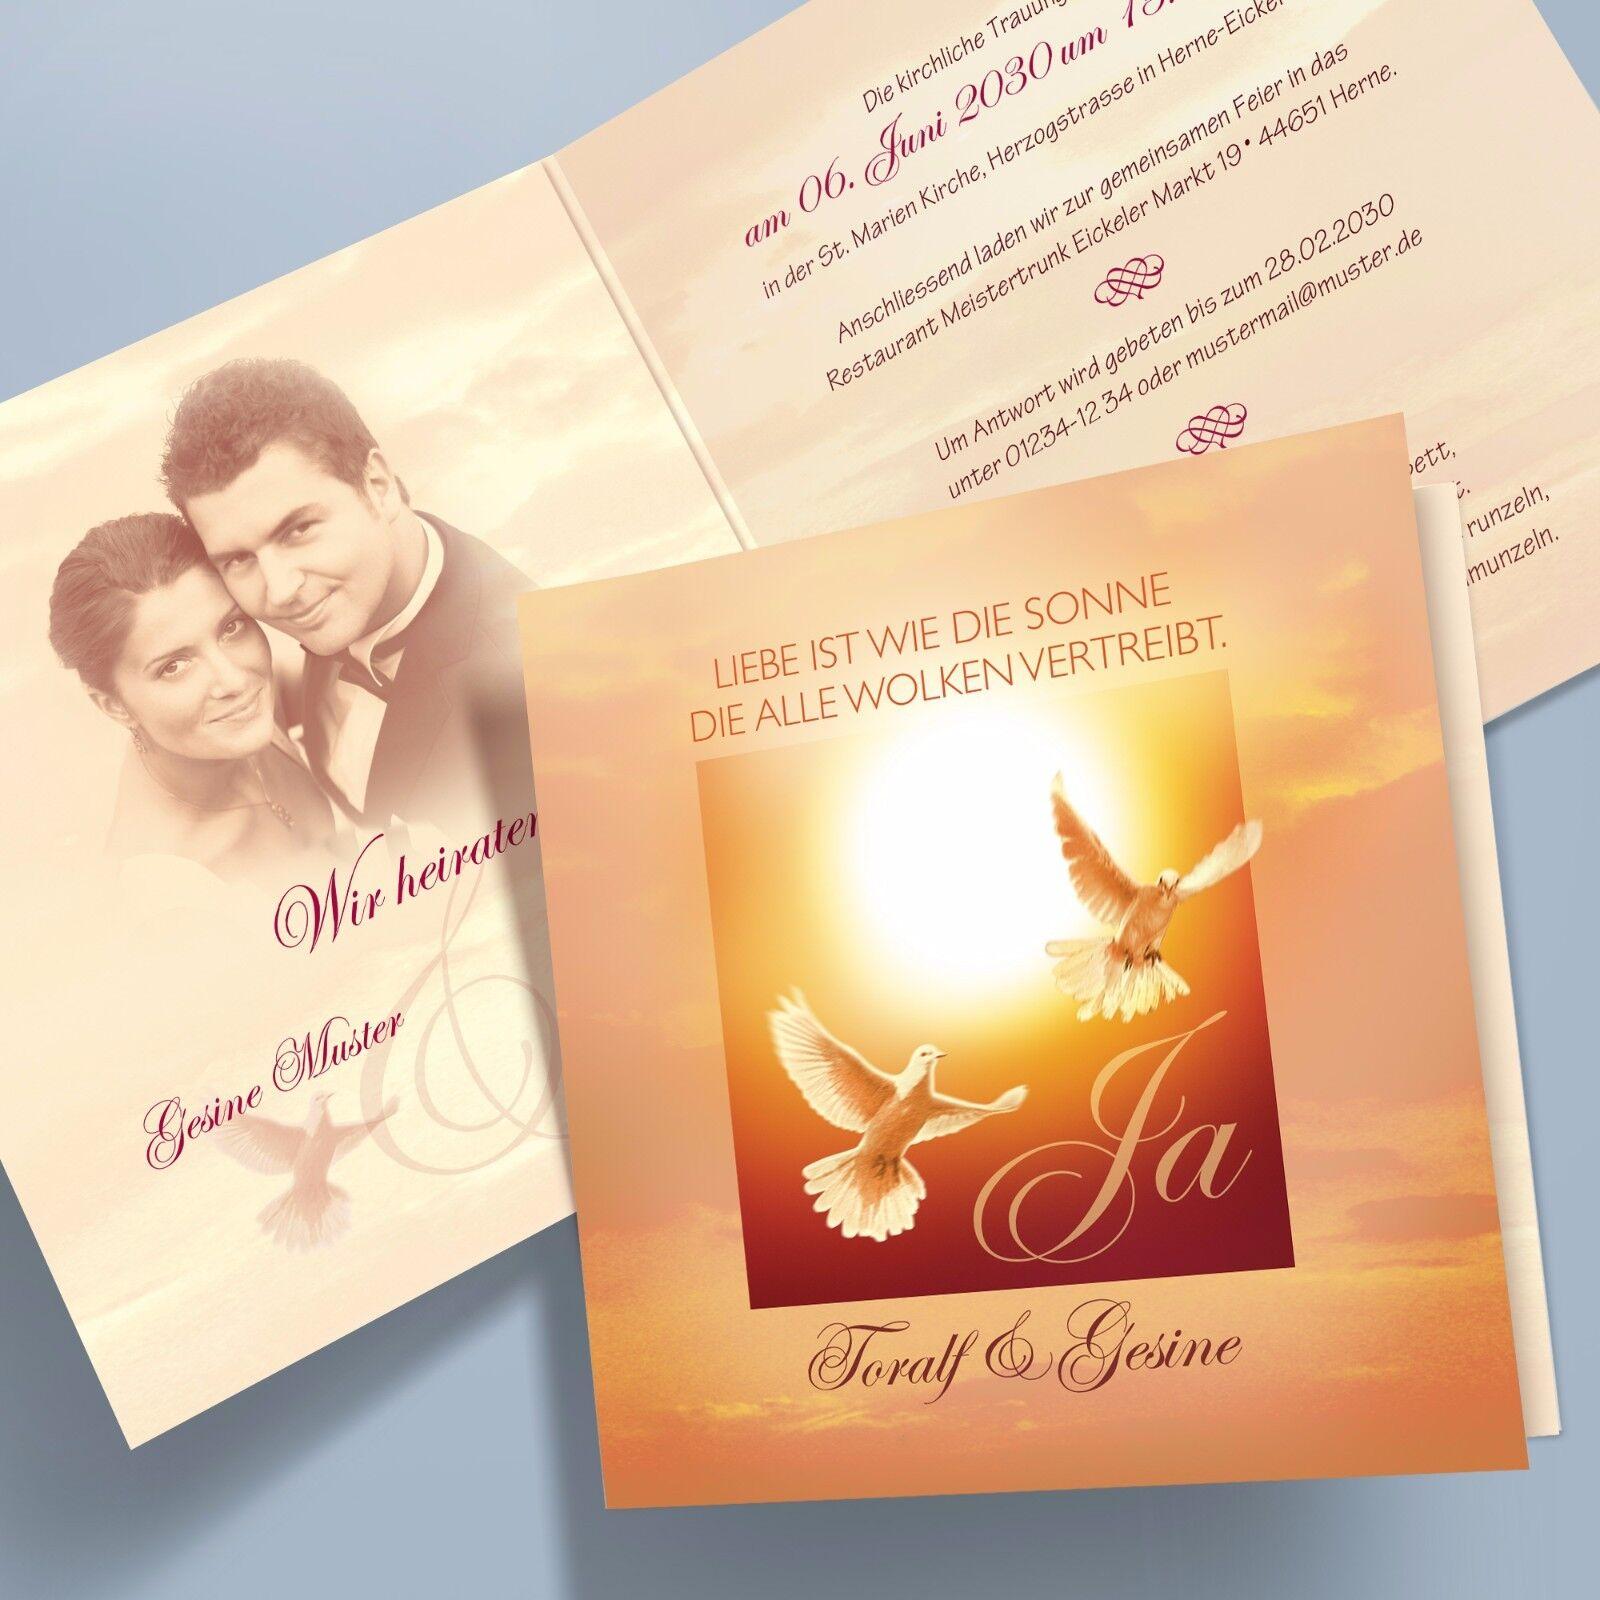 Einladungskarten Hochzeit, Klappkarten pers., Tauben, Sonne  – 32 quadratisch | Ausgang  | Qualität und Quantität garantiert